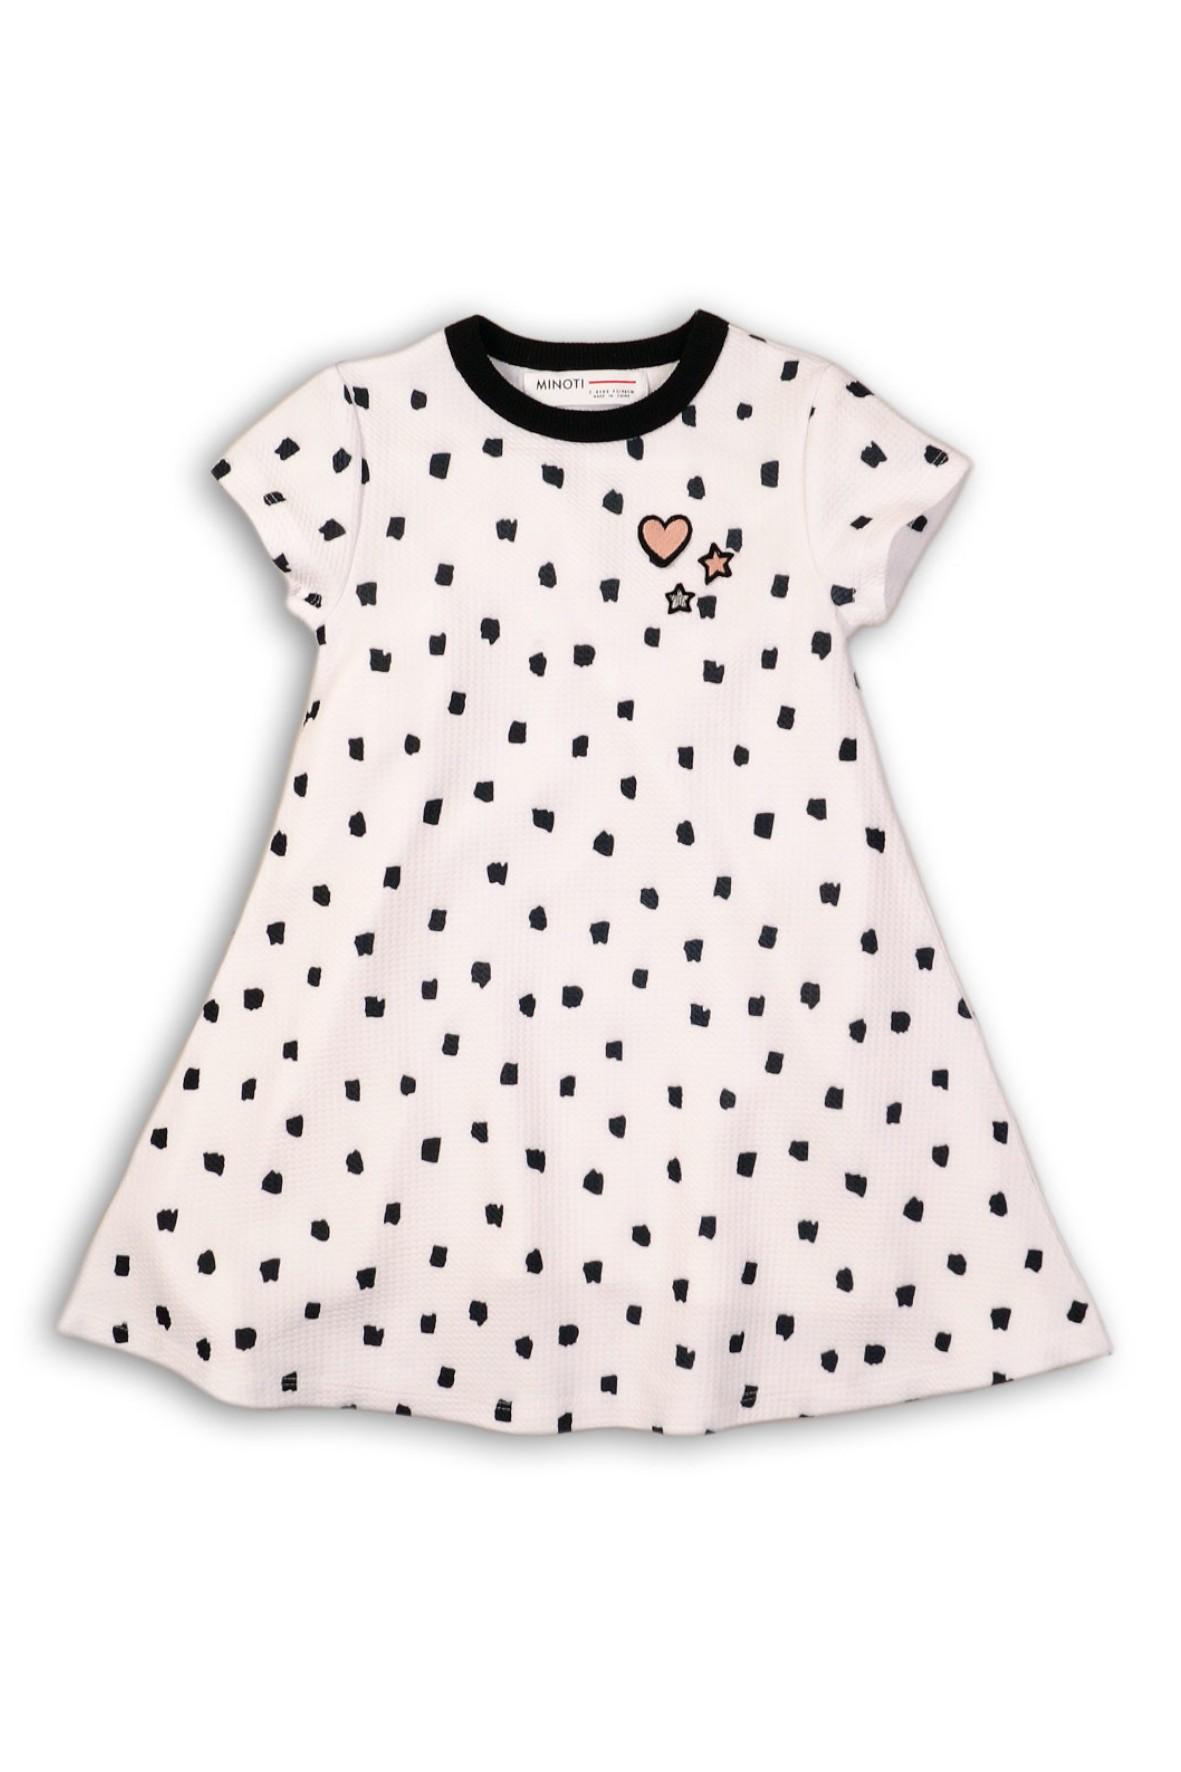 4f4e8d55e0 Sukienka dziewczęca dzianinowa z krótkim rękawem- czarne wzorki ...